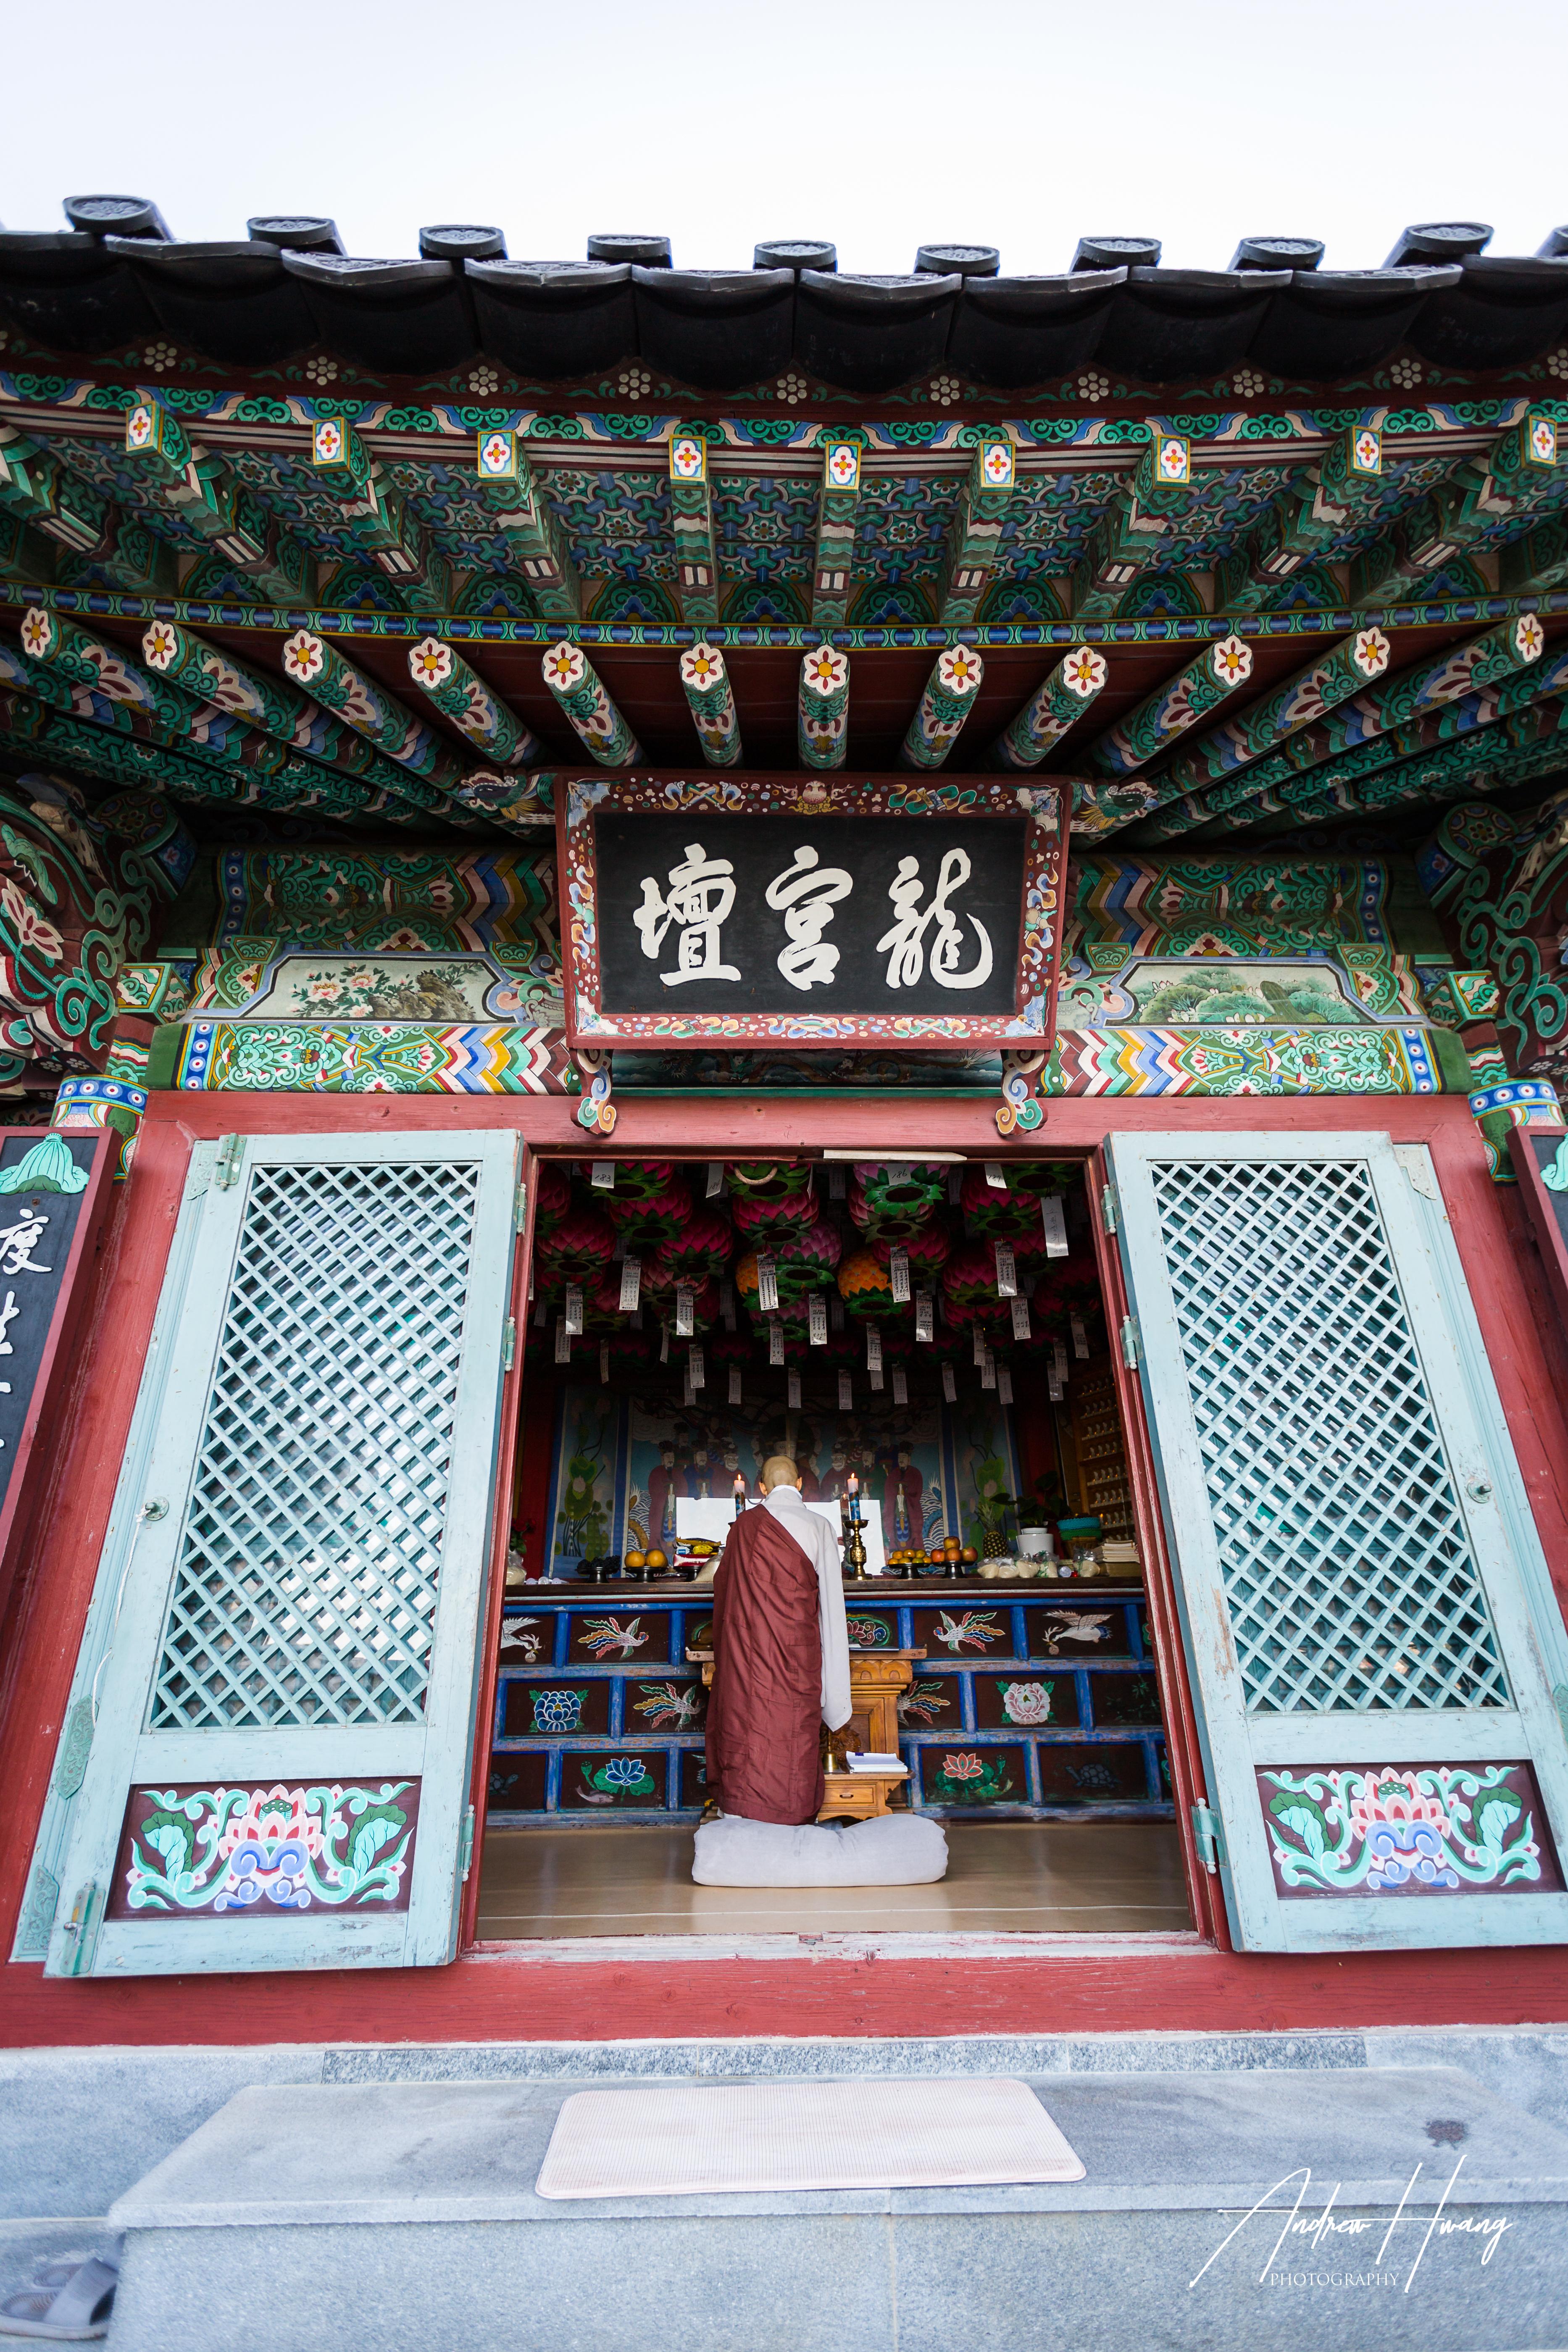 Monk Prayers_Hae Dong Yong Gung Temple